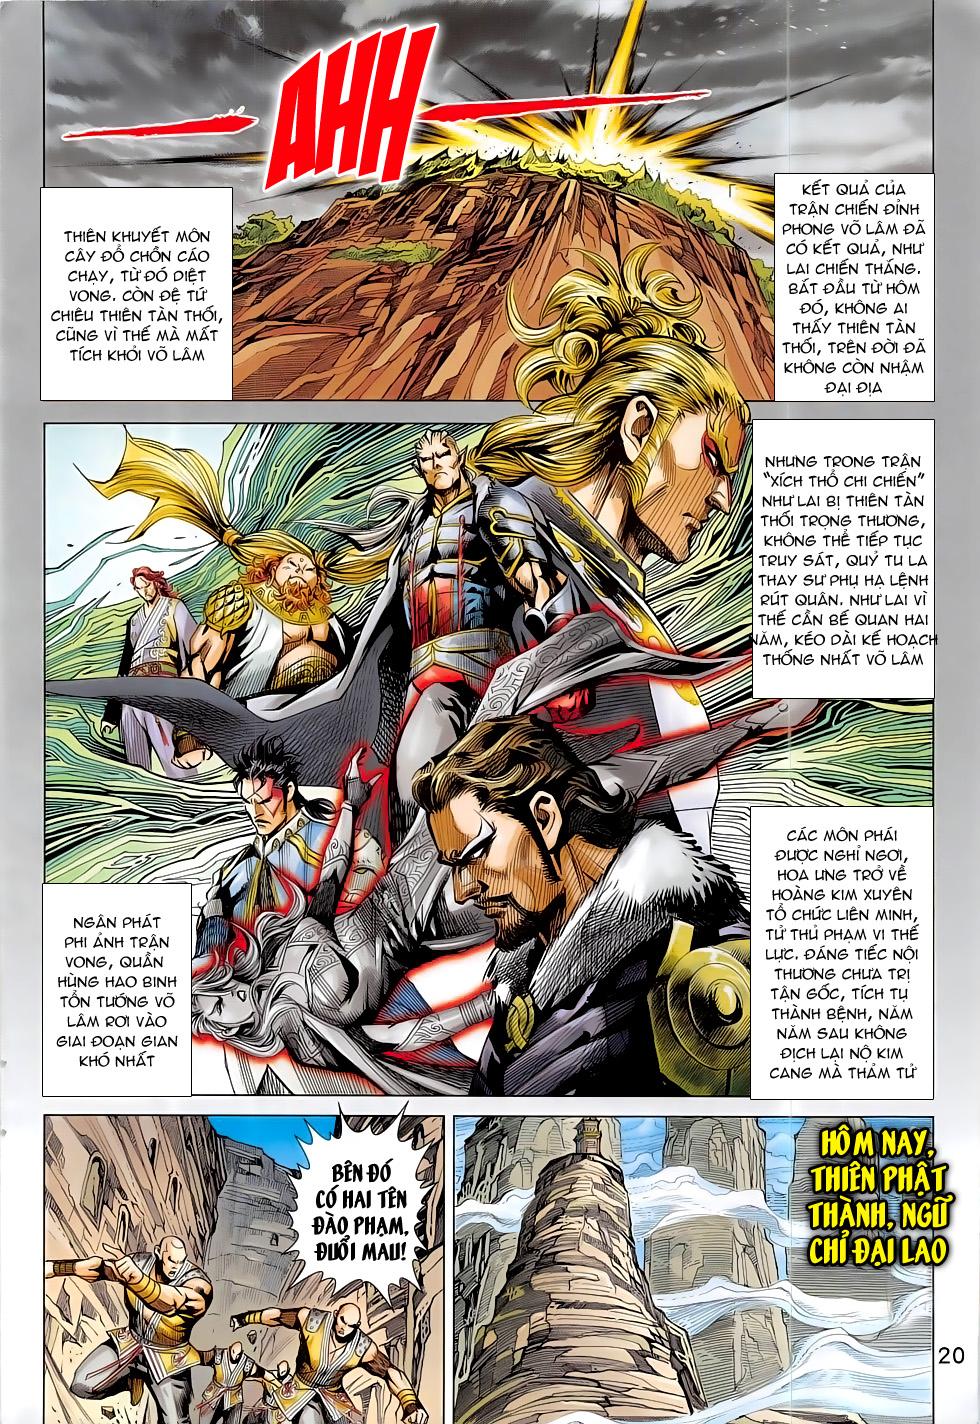 Thần Chưởng trang 20